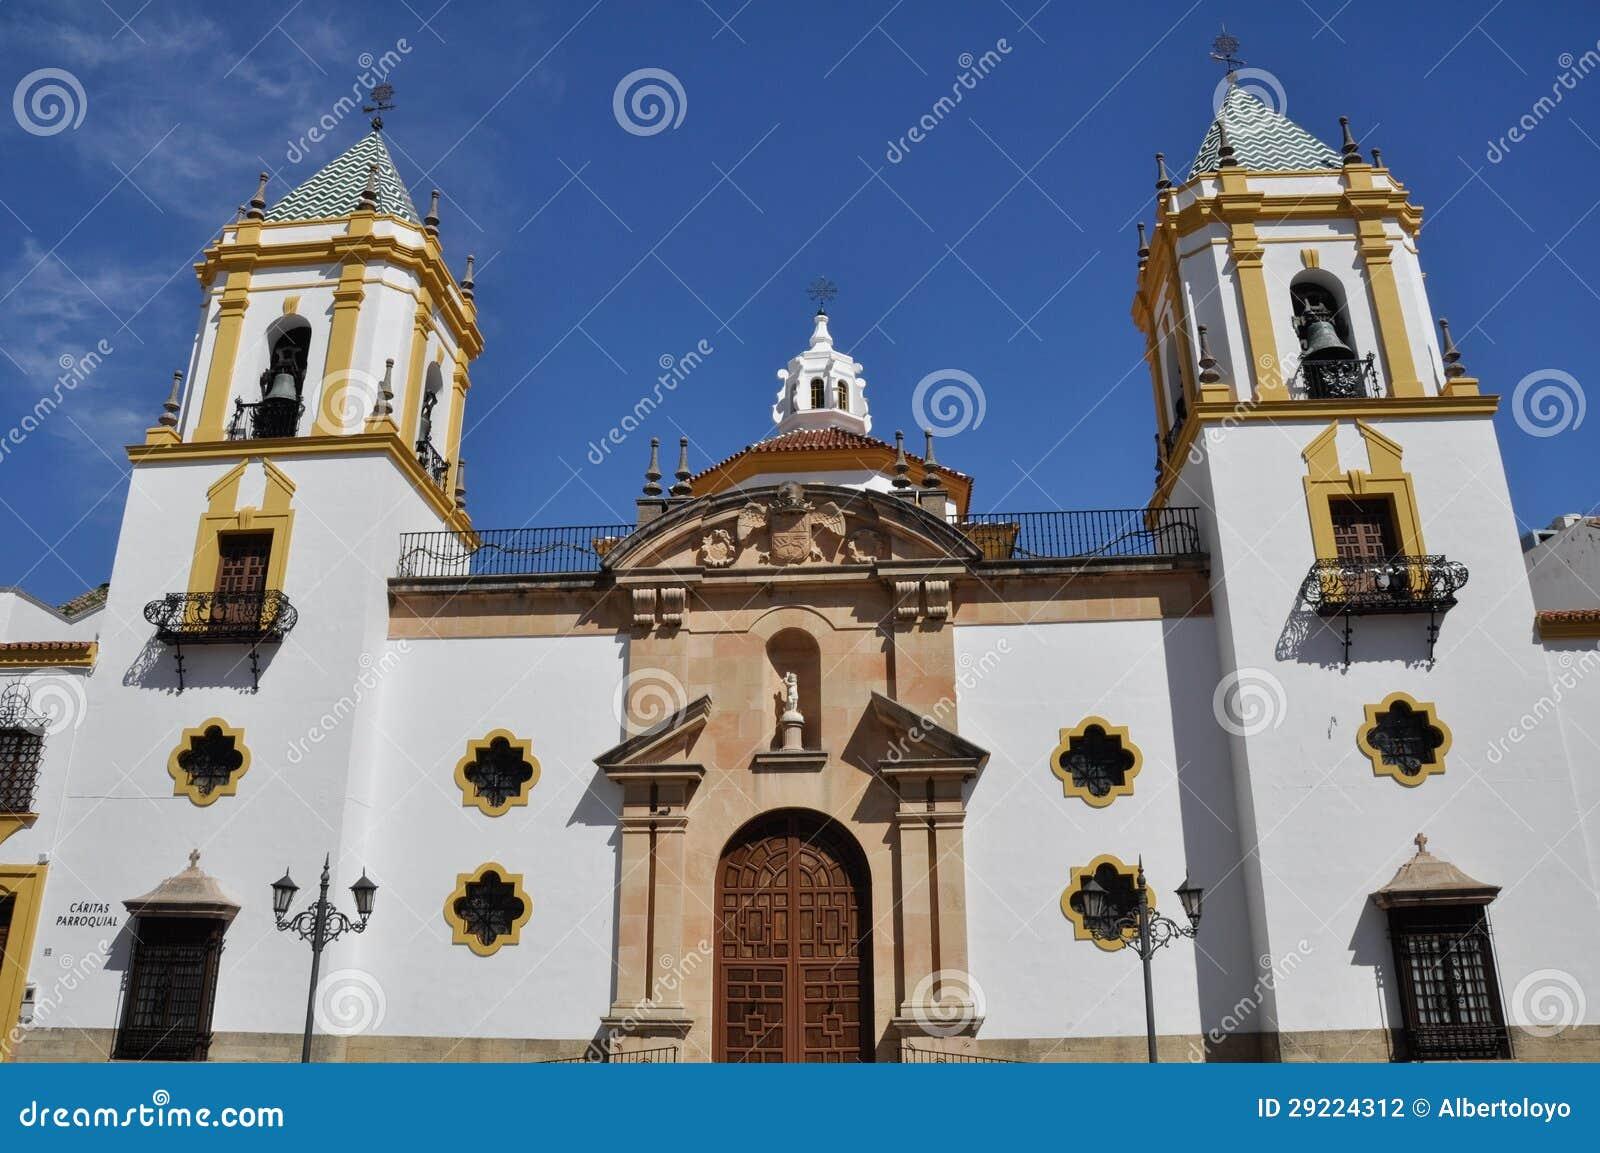 我们的Socorro,朗达(西班牙)的夫人教区